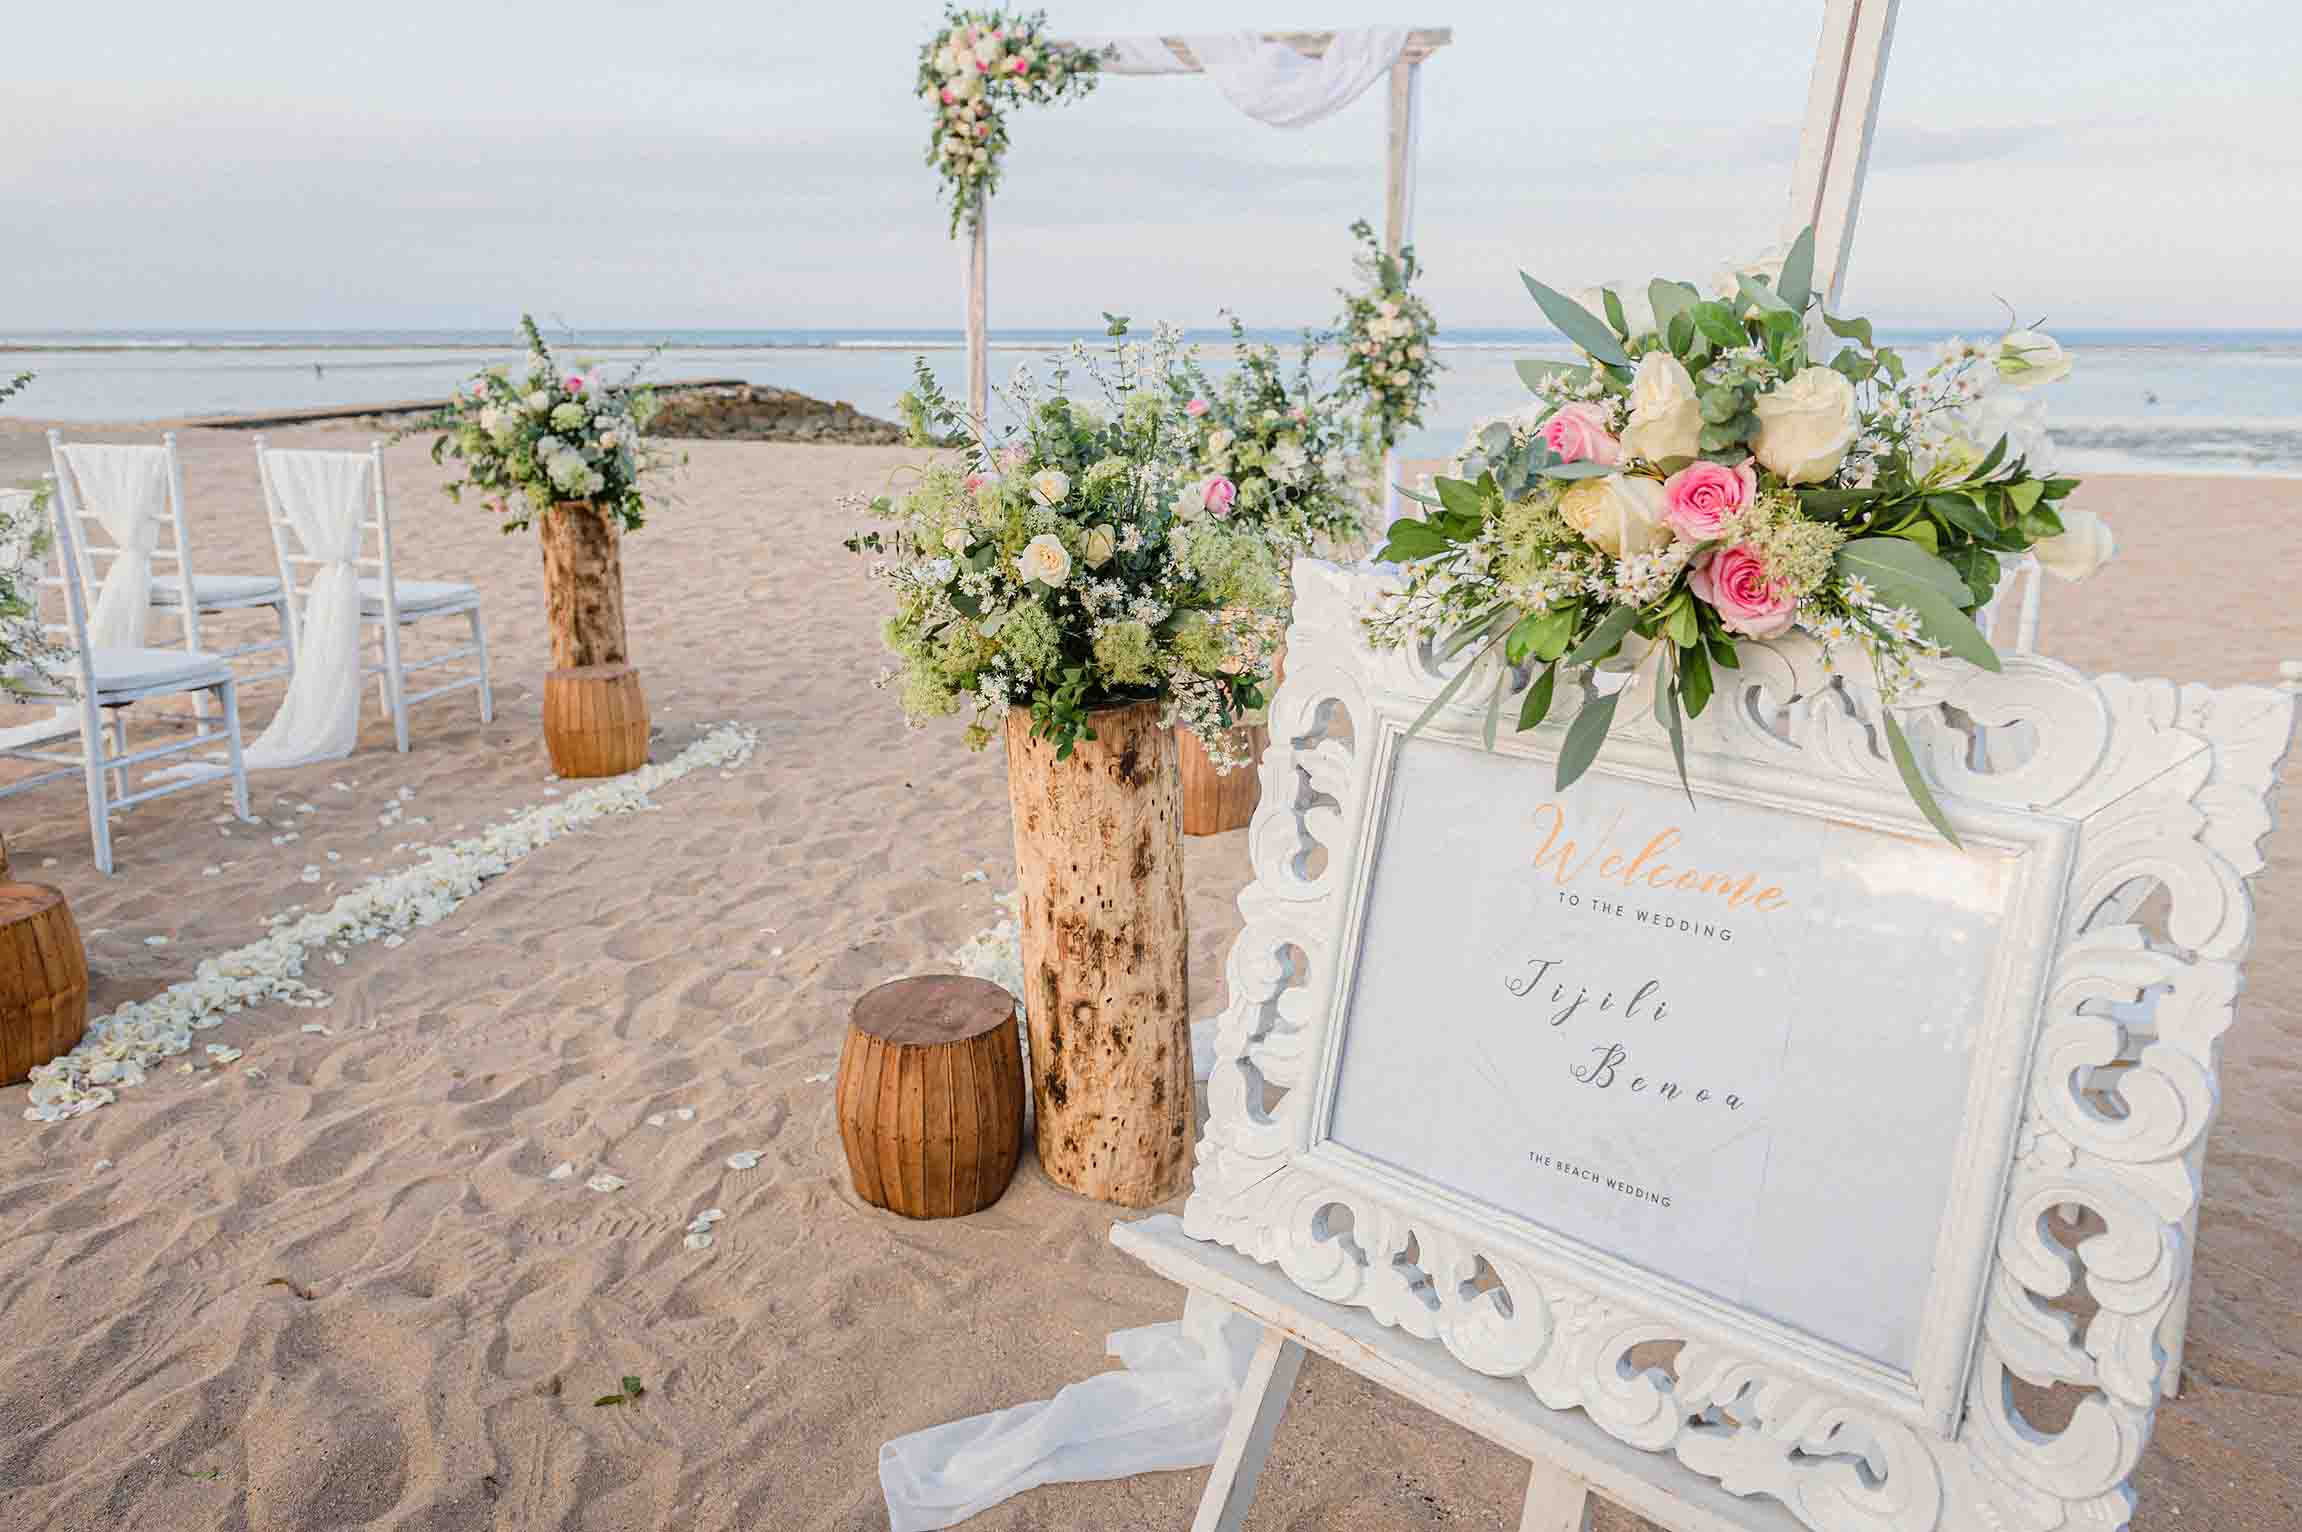 Tijili Benoa Wedding1